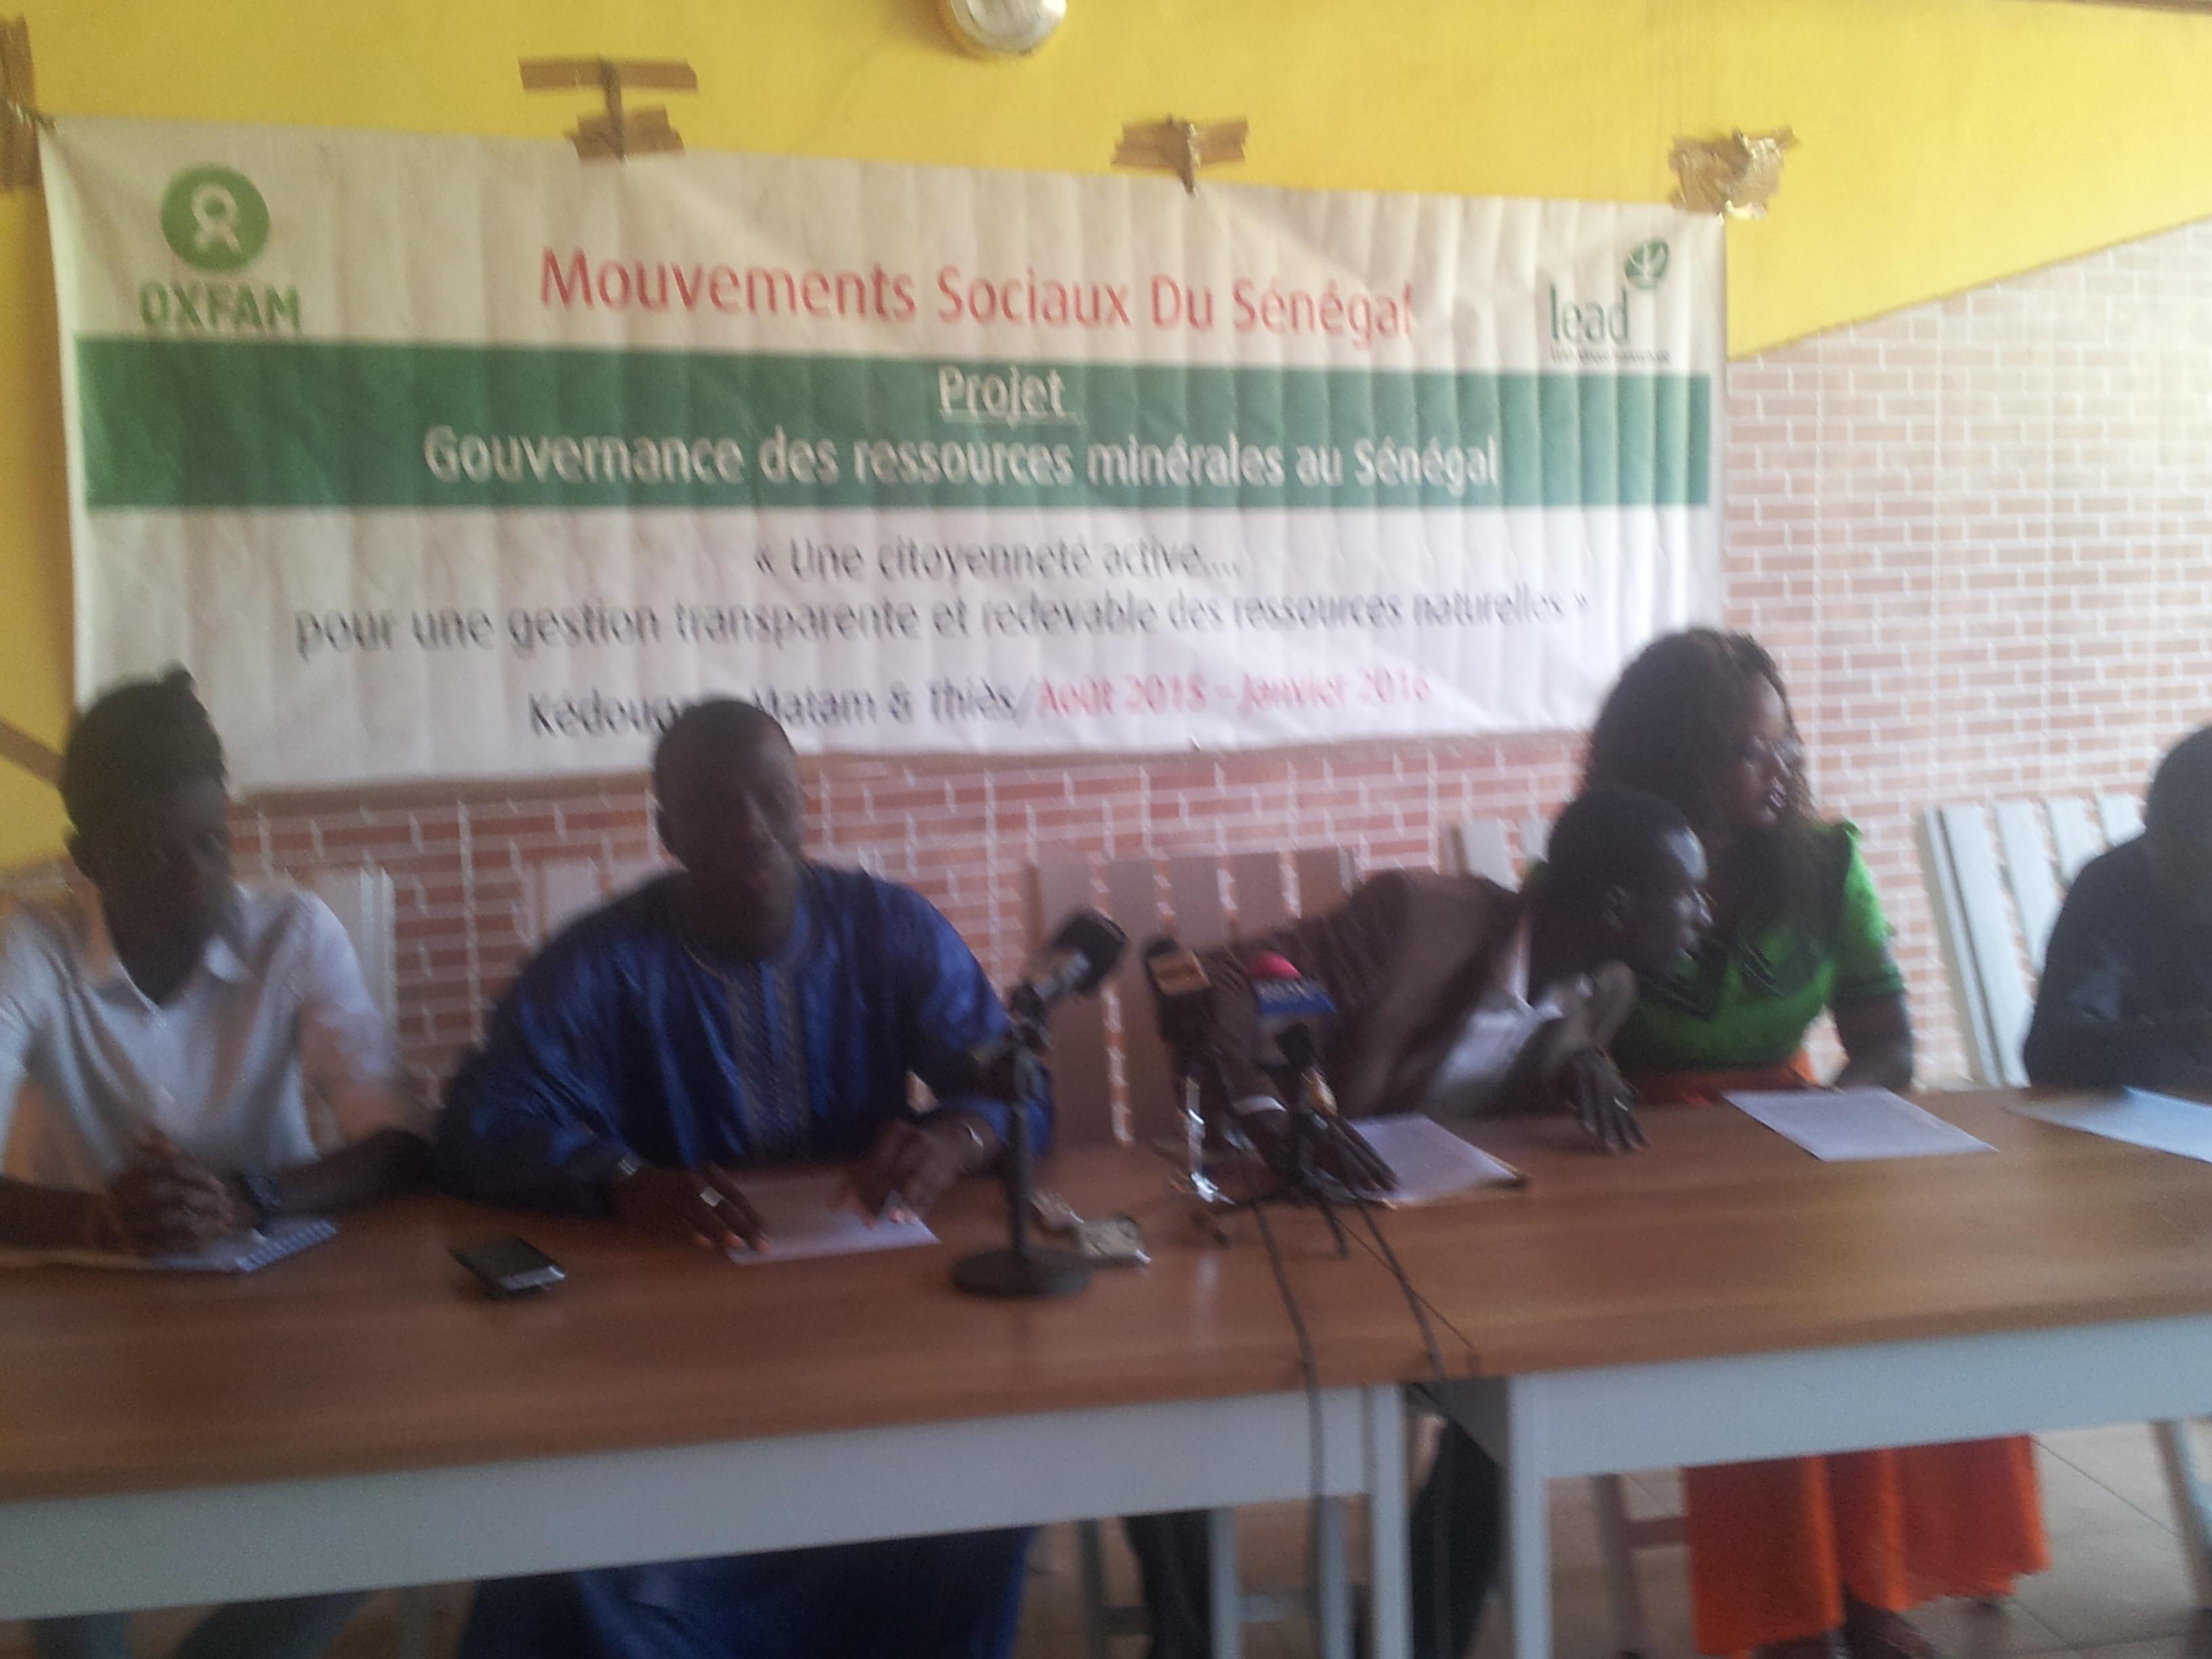 Mauvaise exploitation des ressources du Sénégal : la Cos M23 dénonce le silence de l'Etat.